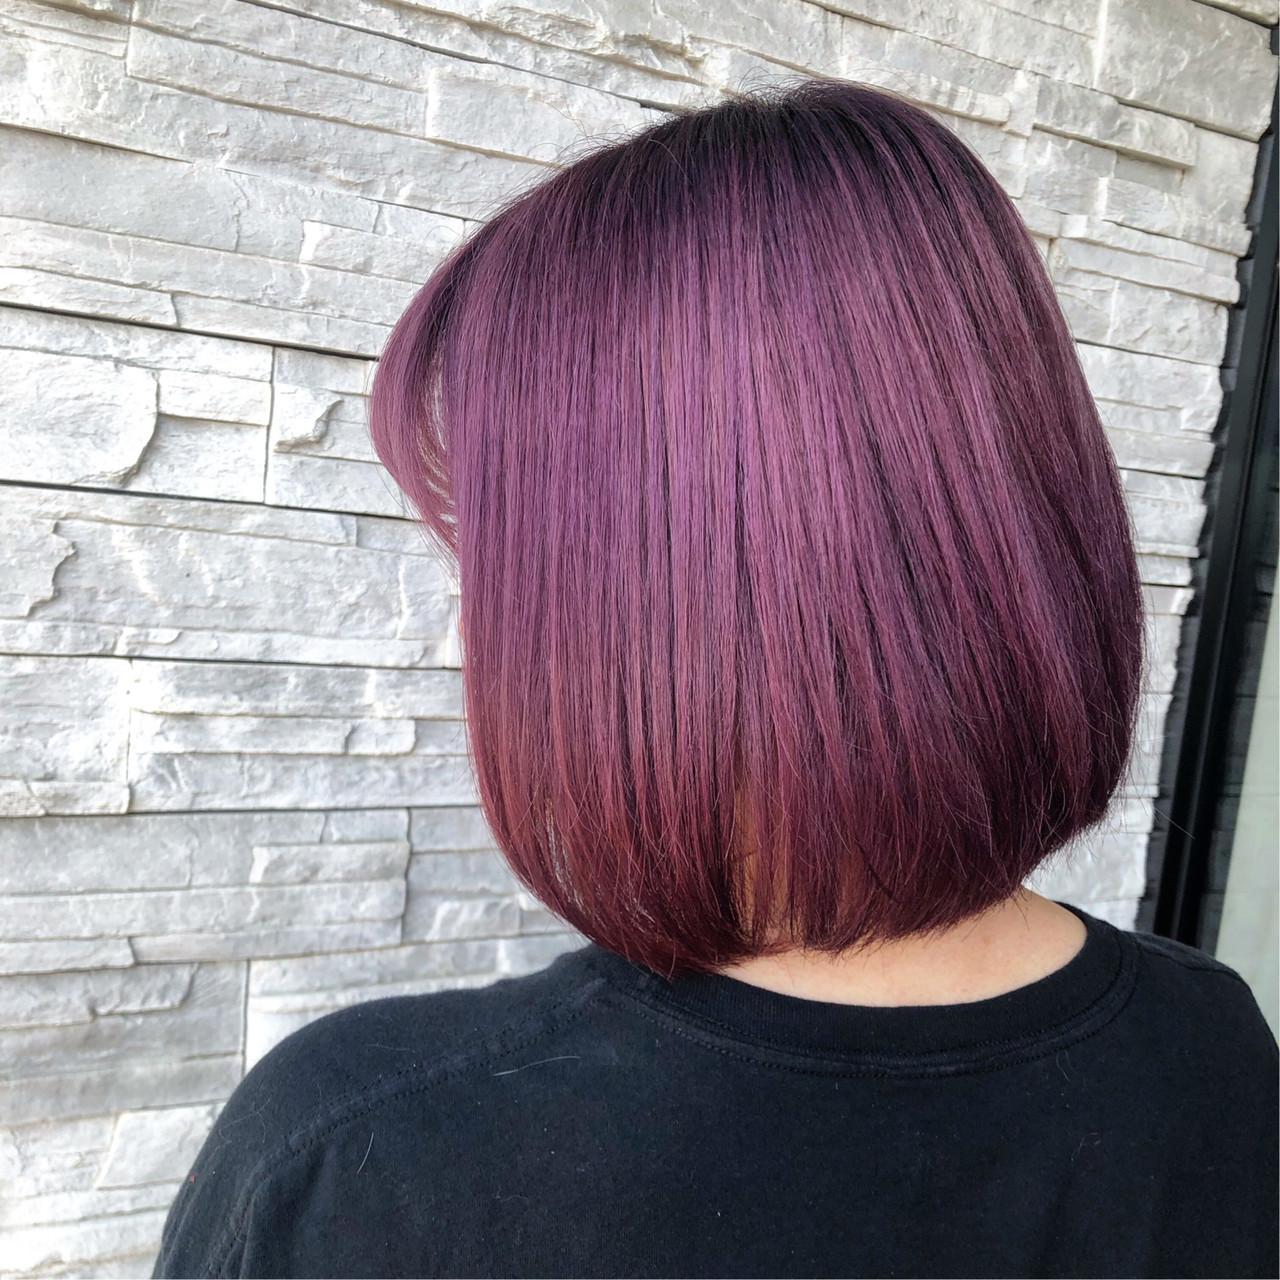 ボブ ピンクバイオレット ダブルカラー ピンクパープル ヘアスタイルや髪型の写真・画像